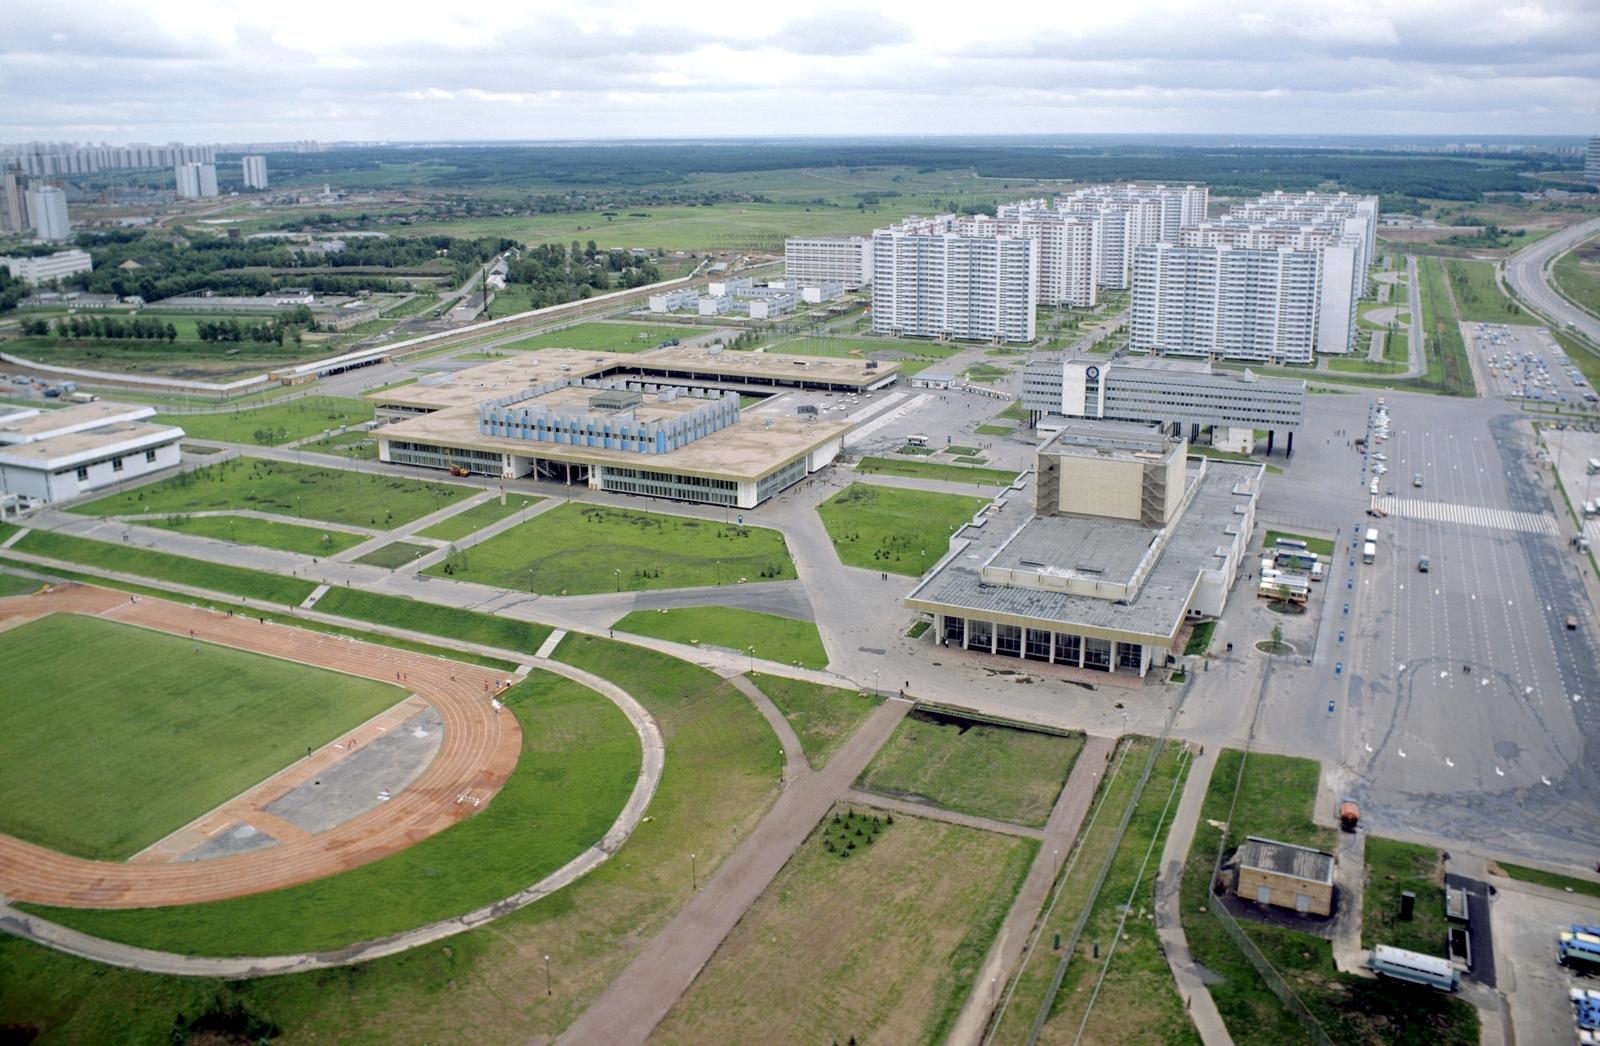 1980 Панорама Олимпийской деревни. Пахомов, РИА Новости3